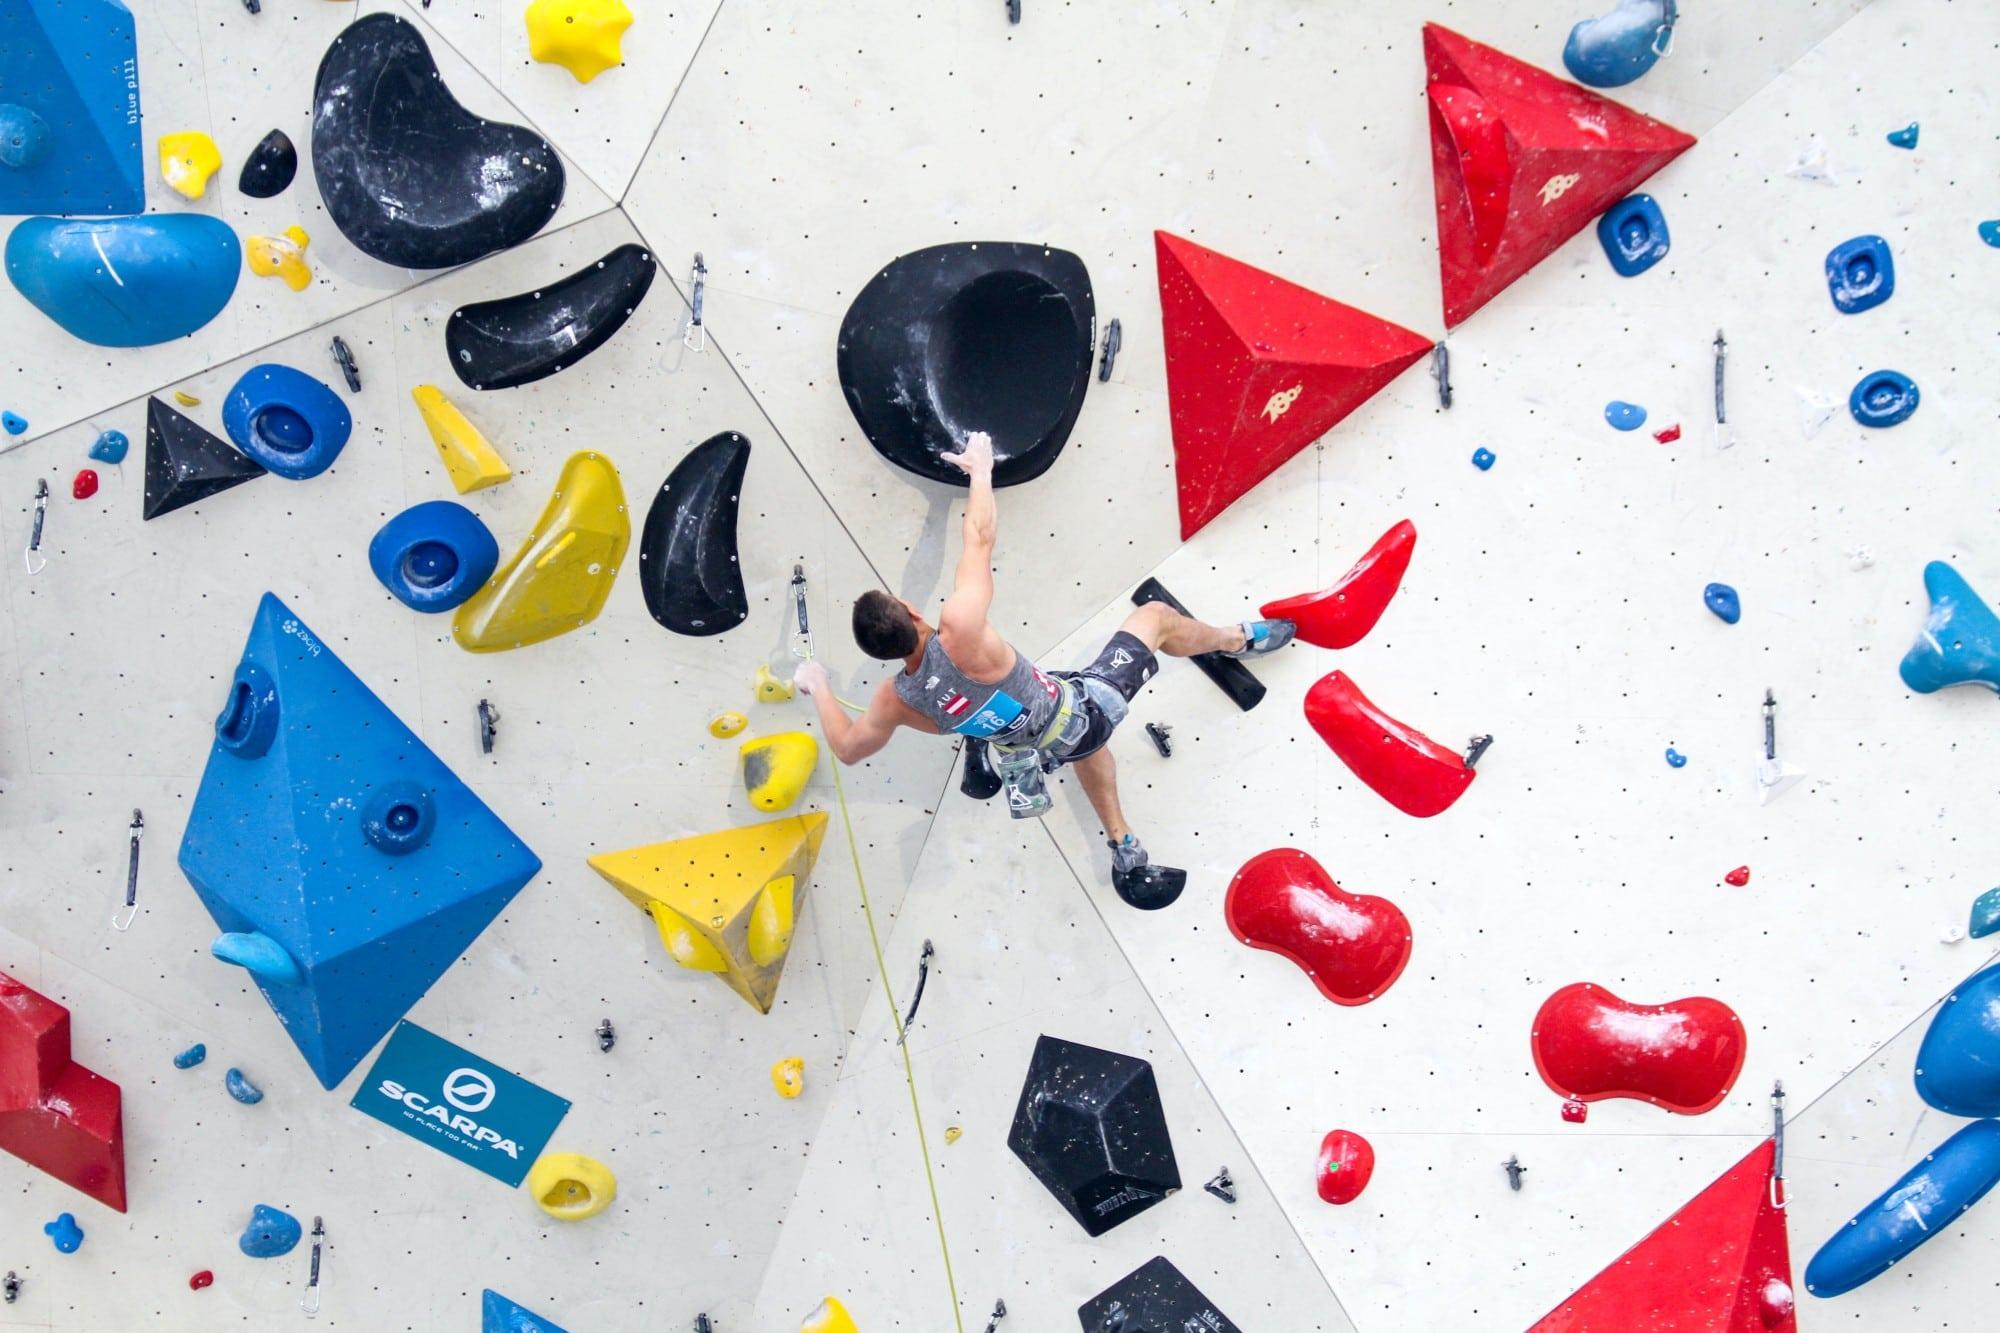 【台中攀岩場推薦】最新台中室內攀岩抱石場介紹,訓練肌耐力新選擇